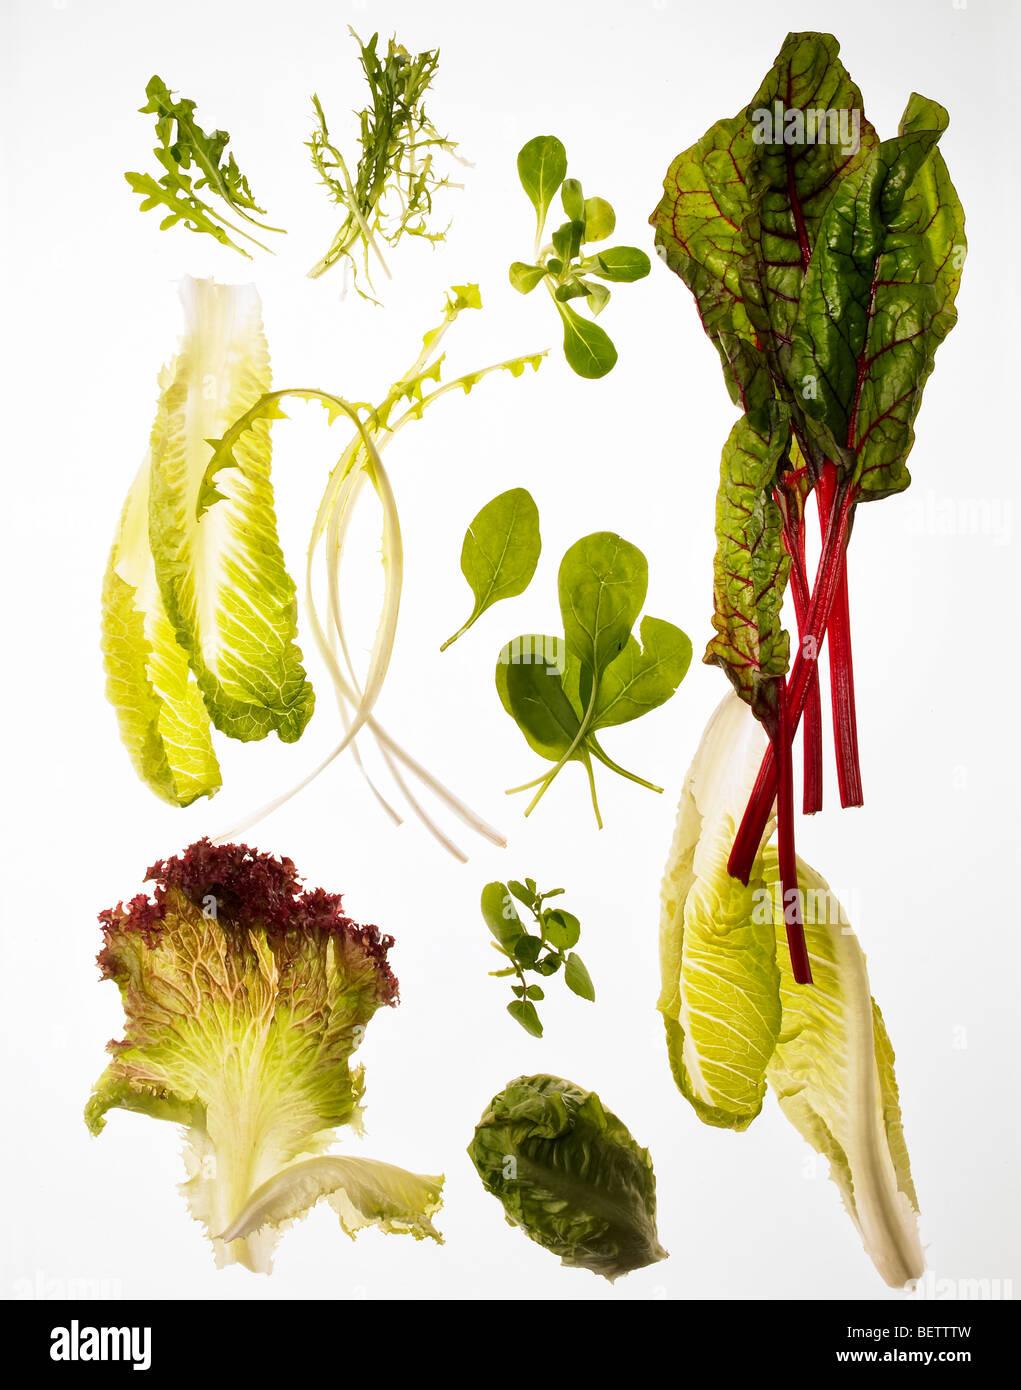 Ingredienti per insalata, diverse foglie verdi adatto per insalate. Immagini Stock